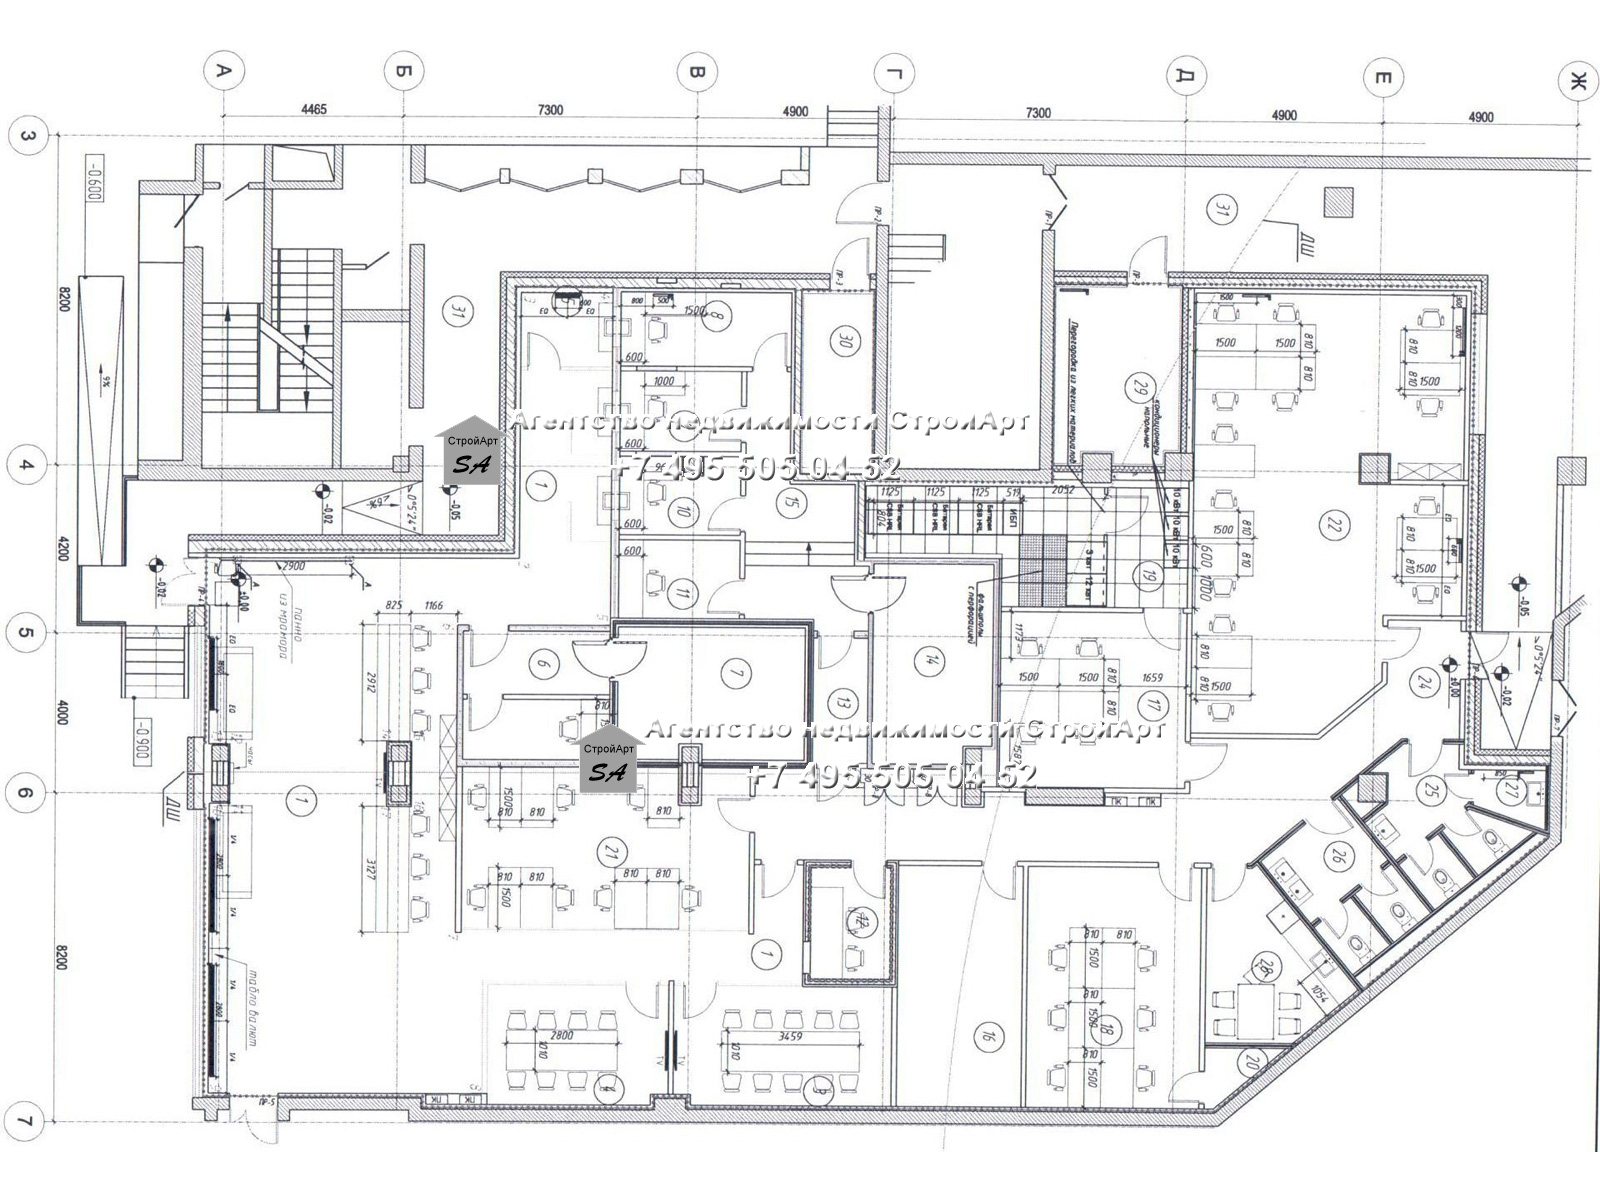 7660 Аренда помещения под банк 668 кв.м м. Южная, Варшавское шоссе д.118 к 1, без комиссии